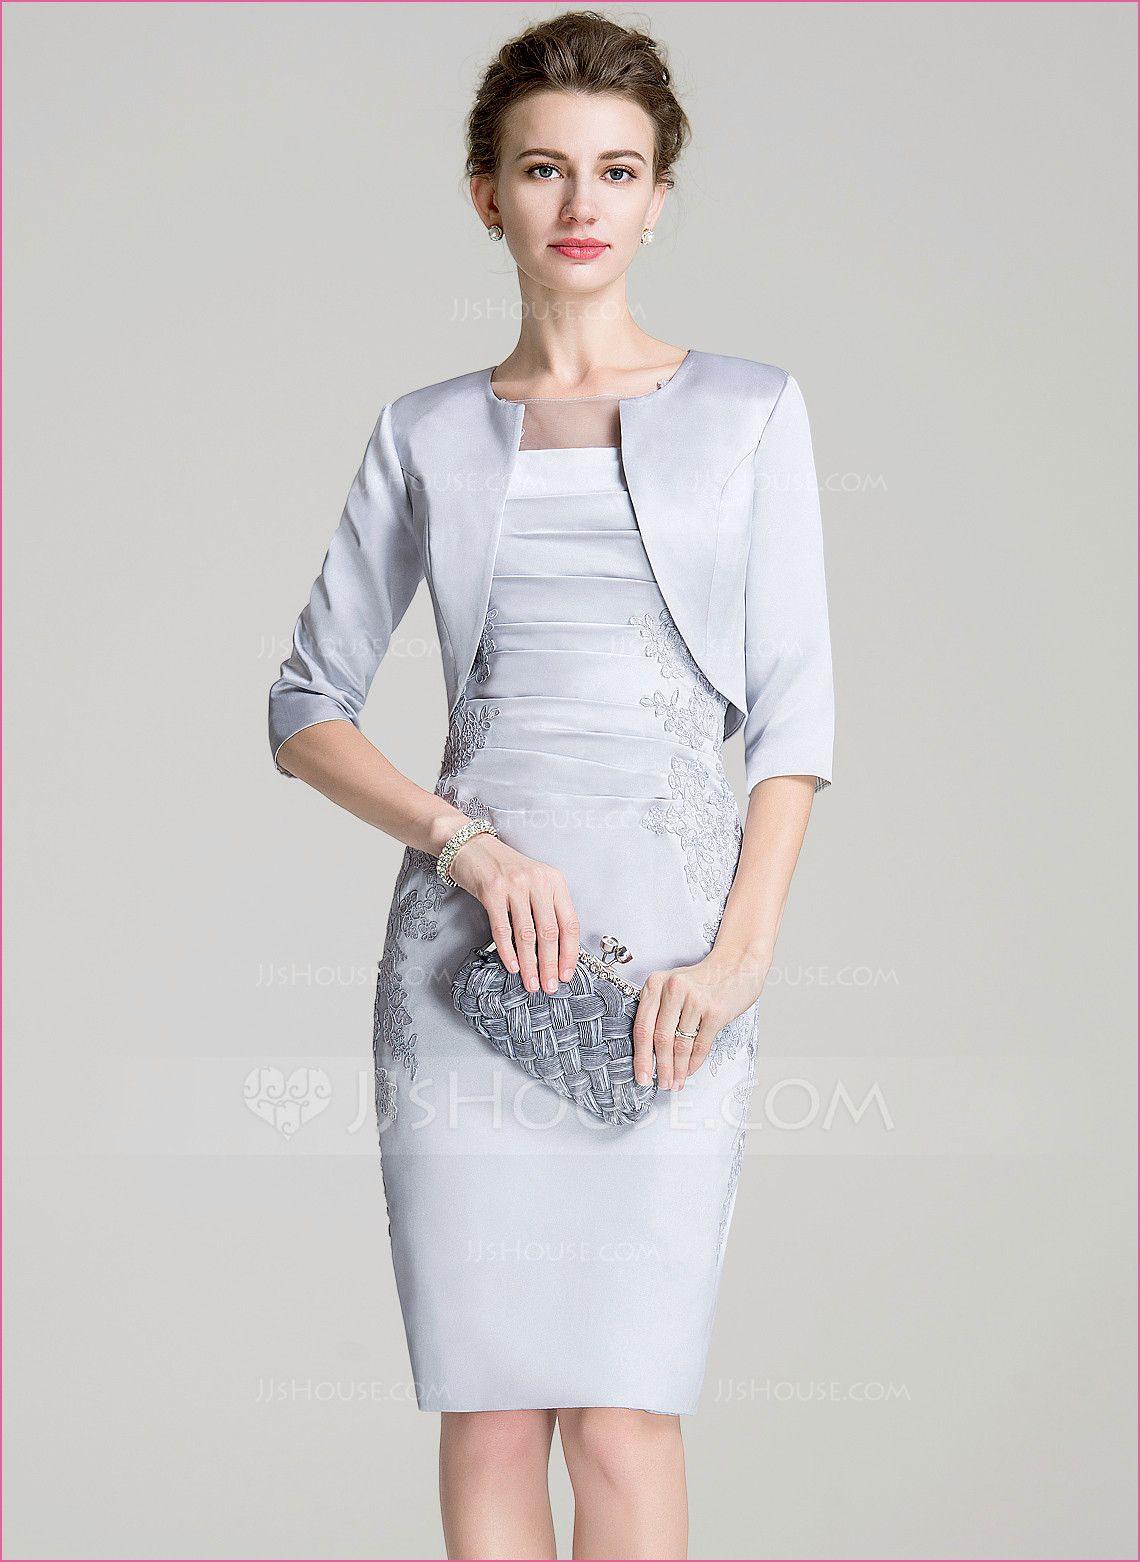 Elegante Kleider Zur Hochzeit Brautmutter In 2020 | Kleid